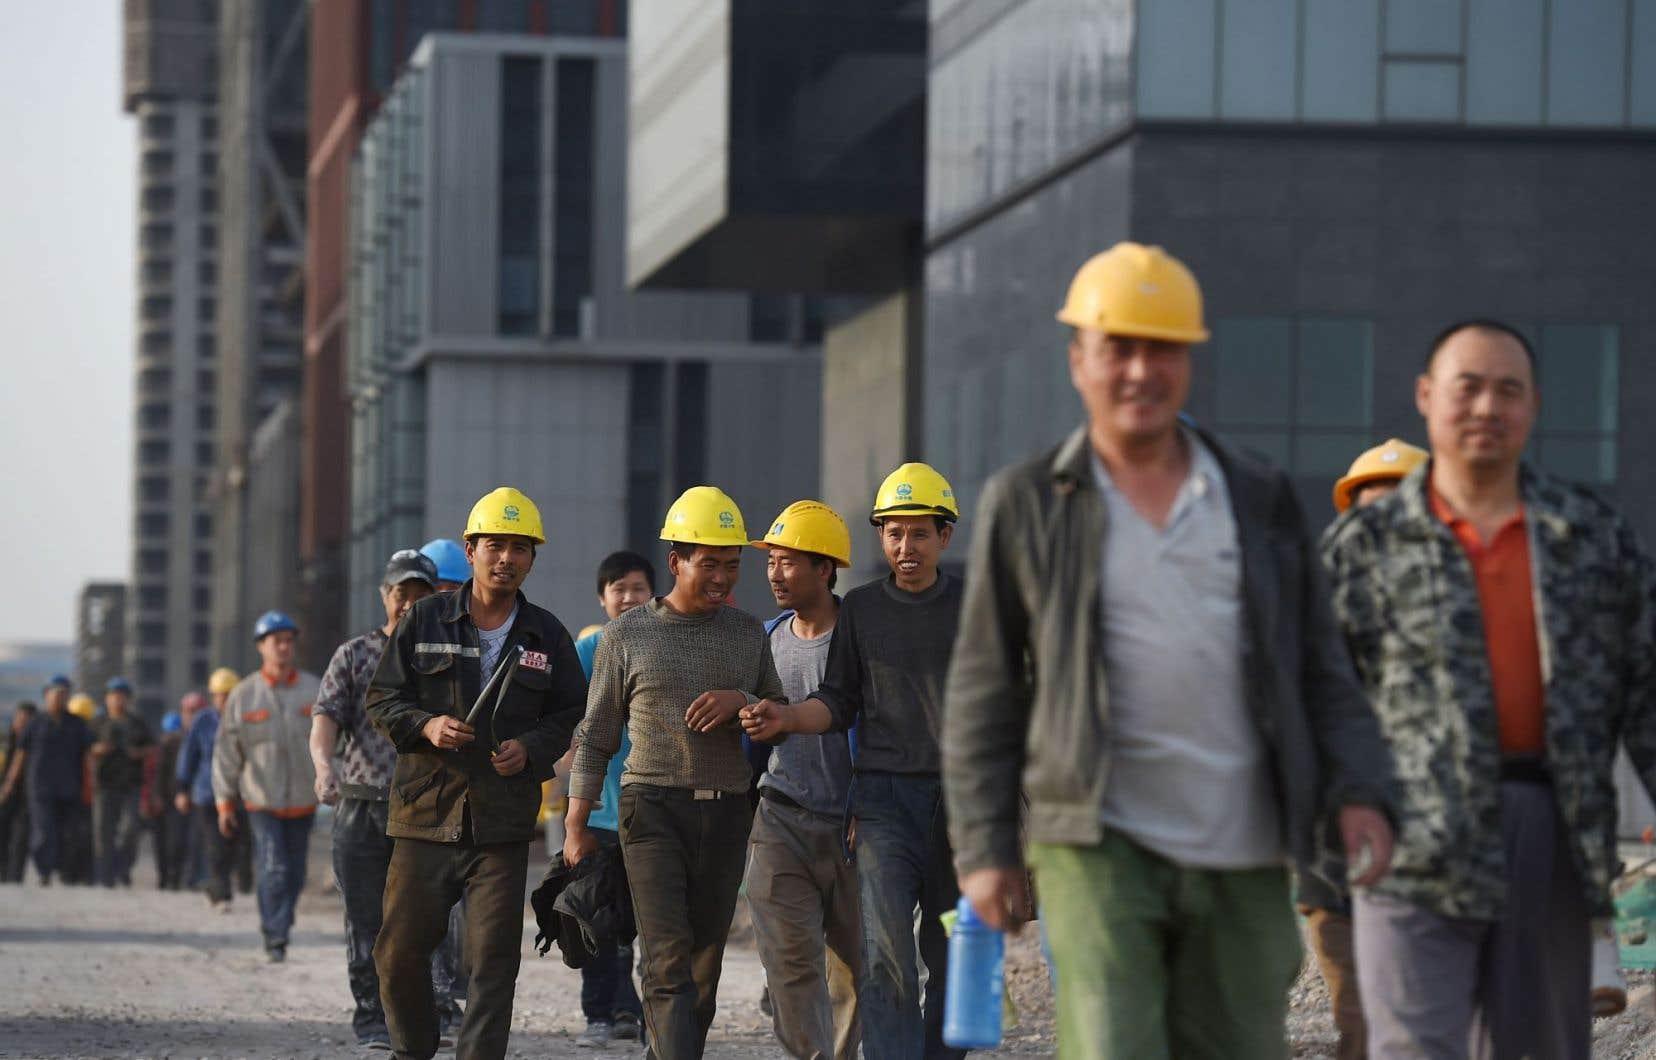 Des travailleurs chinois quittent un chantier après leur journée de travail. La Chine a annoncé une hausse du PIB de 6,9% au troisième trimestre.